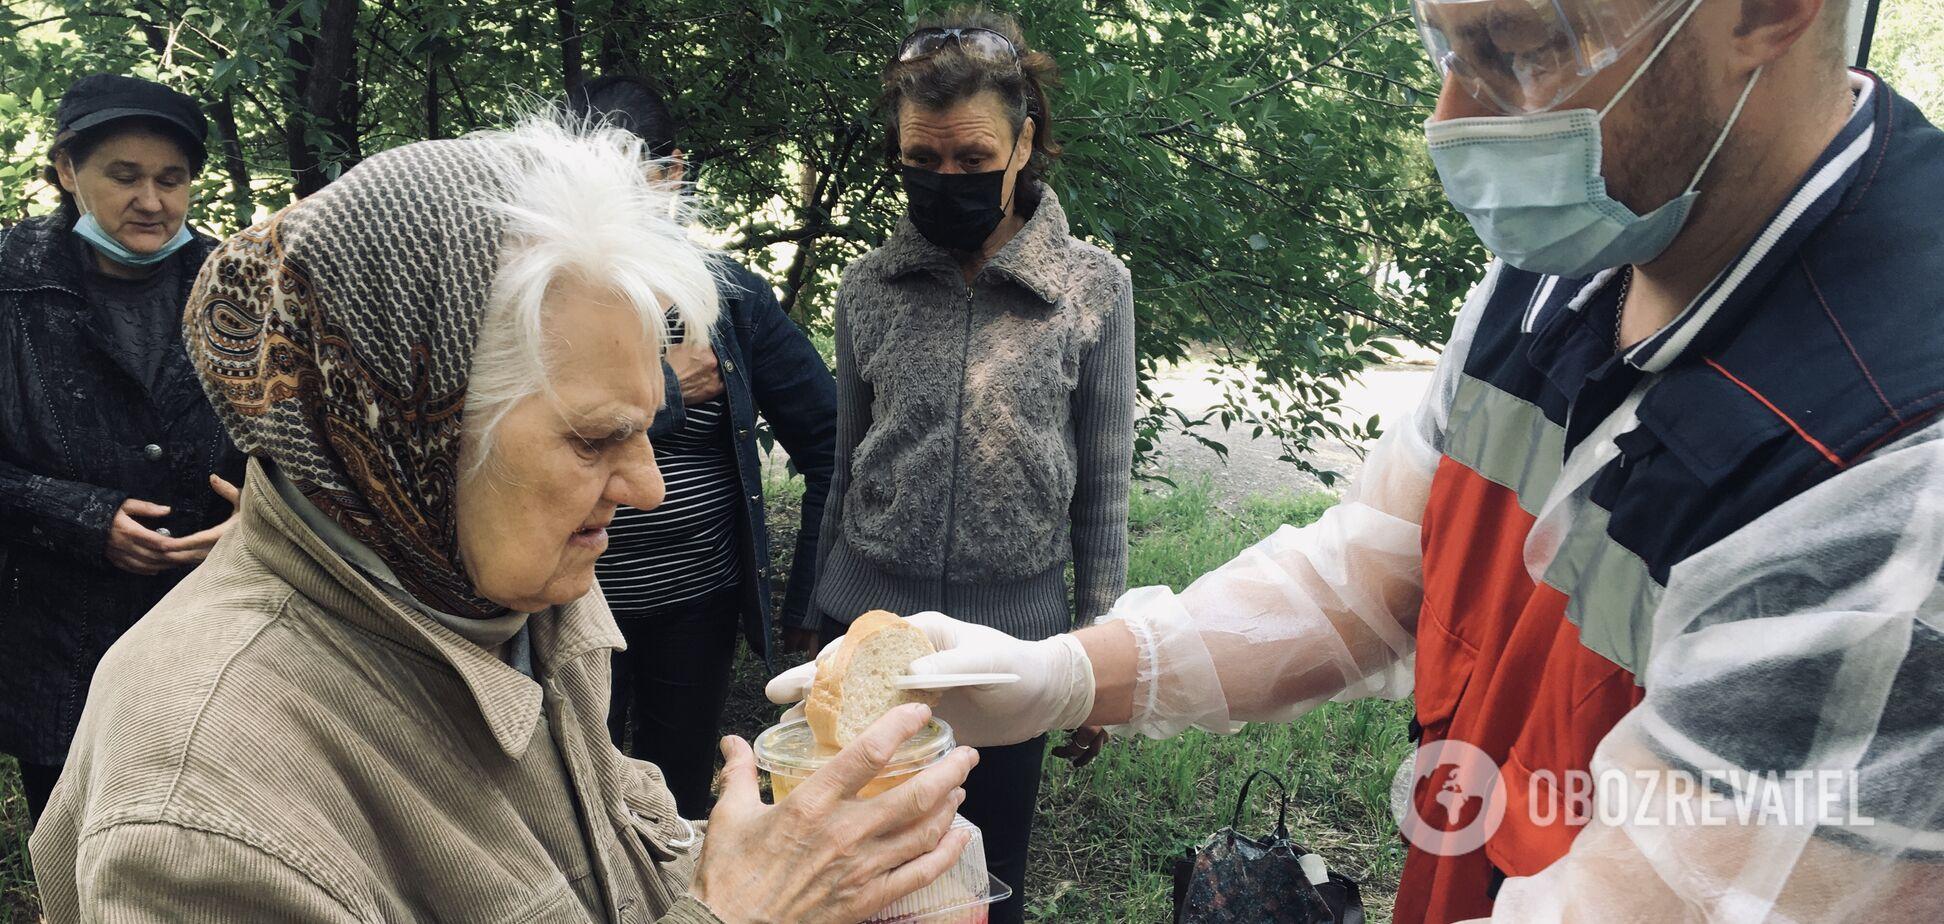 Постоянная борьба за жизнь: как в Днепре волонтеры помогают бездомным и нуждающимся